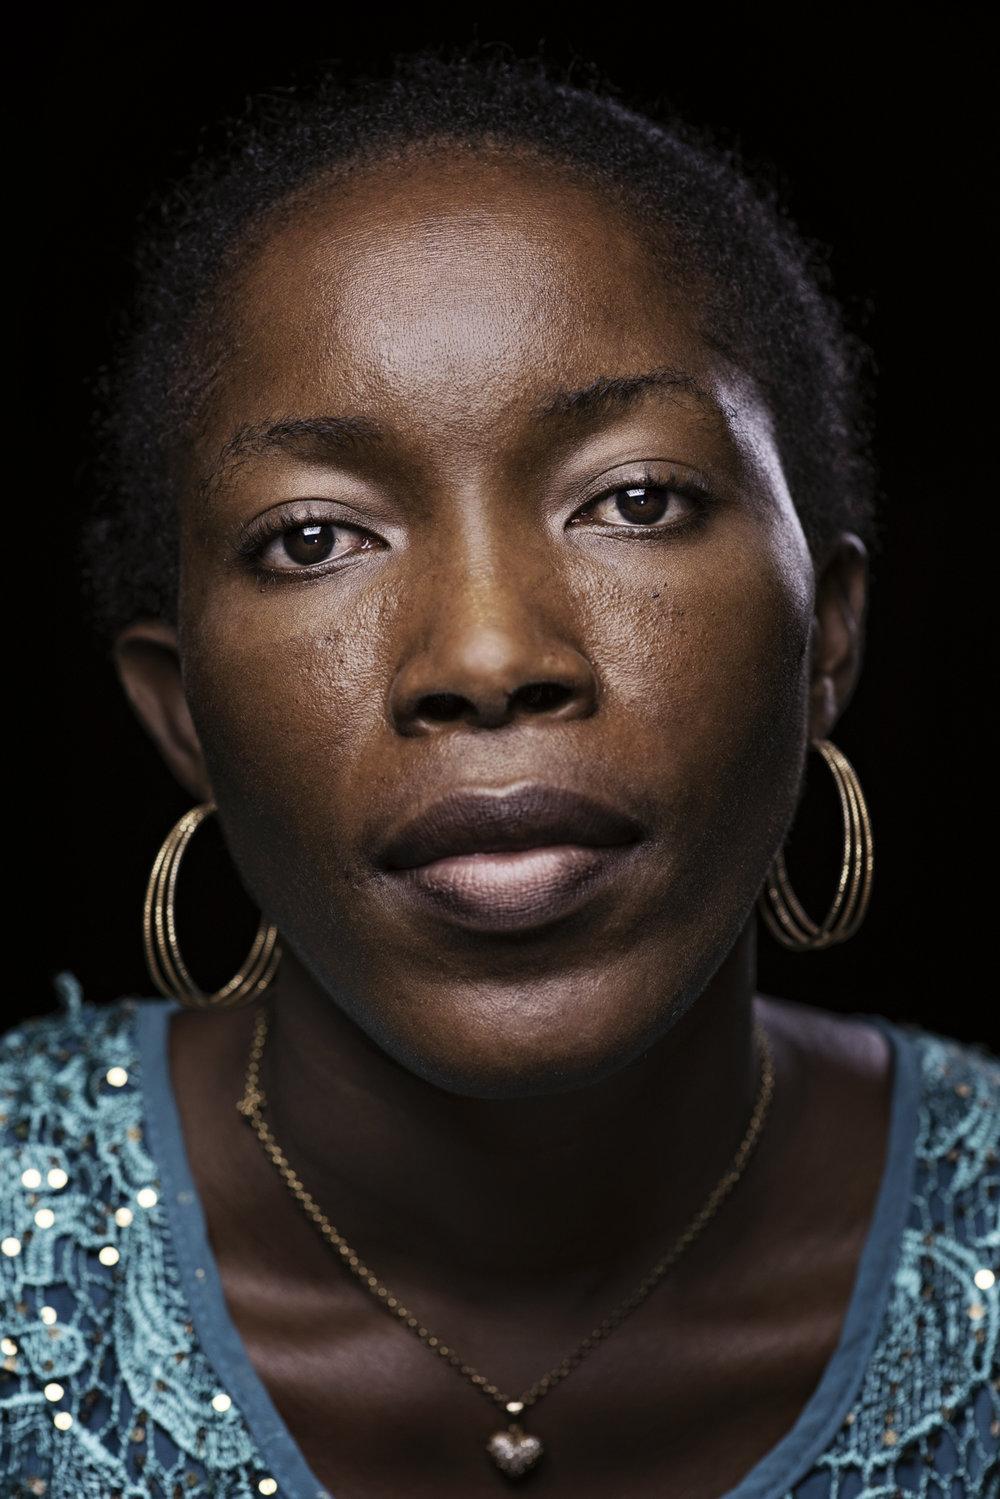 Ivory Coast, Medoh, May 2015Josiane Adopo, 40.Francesco Zizola / NOOR